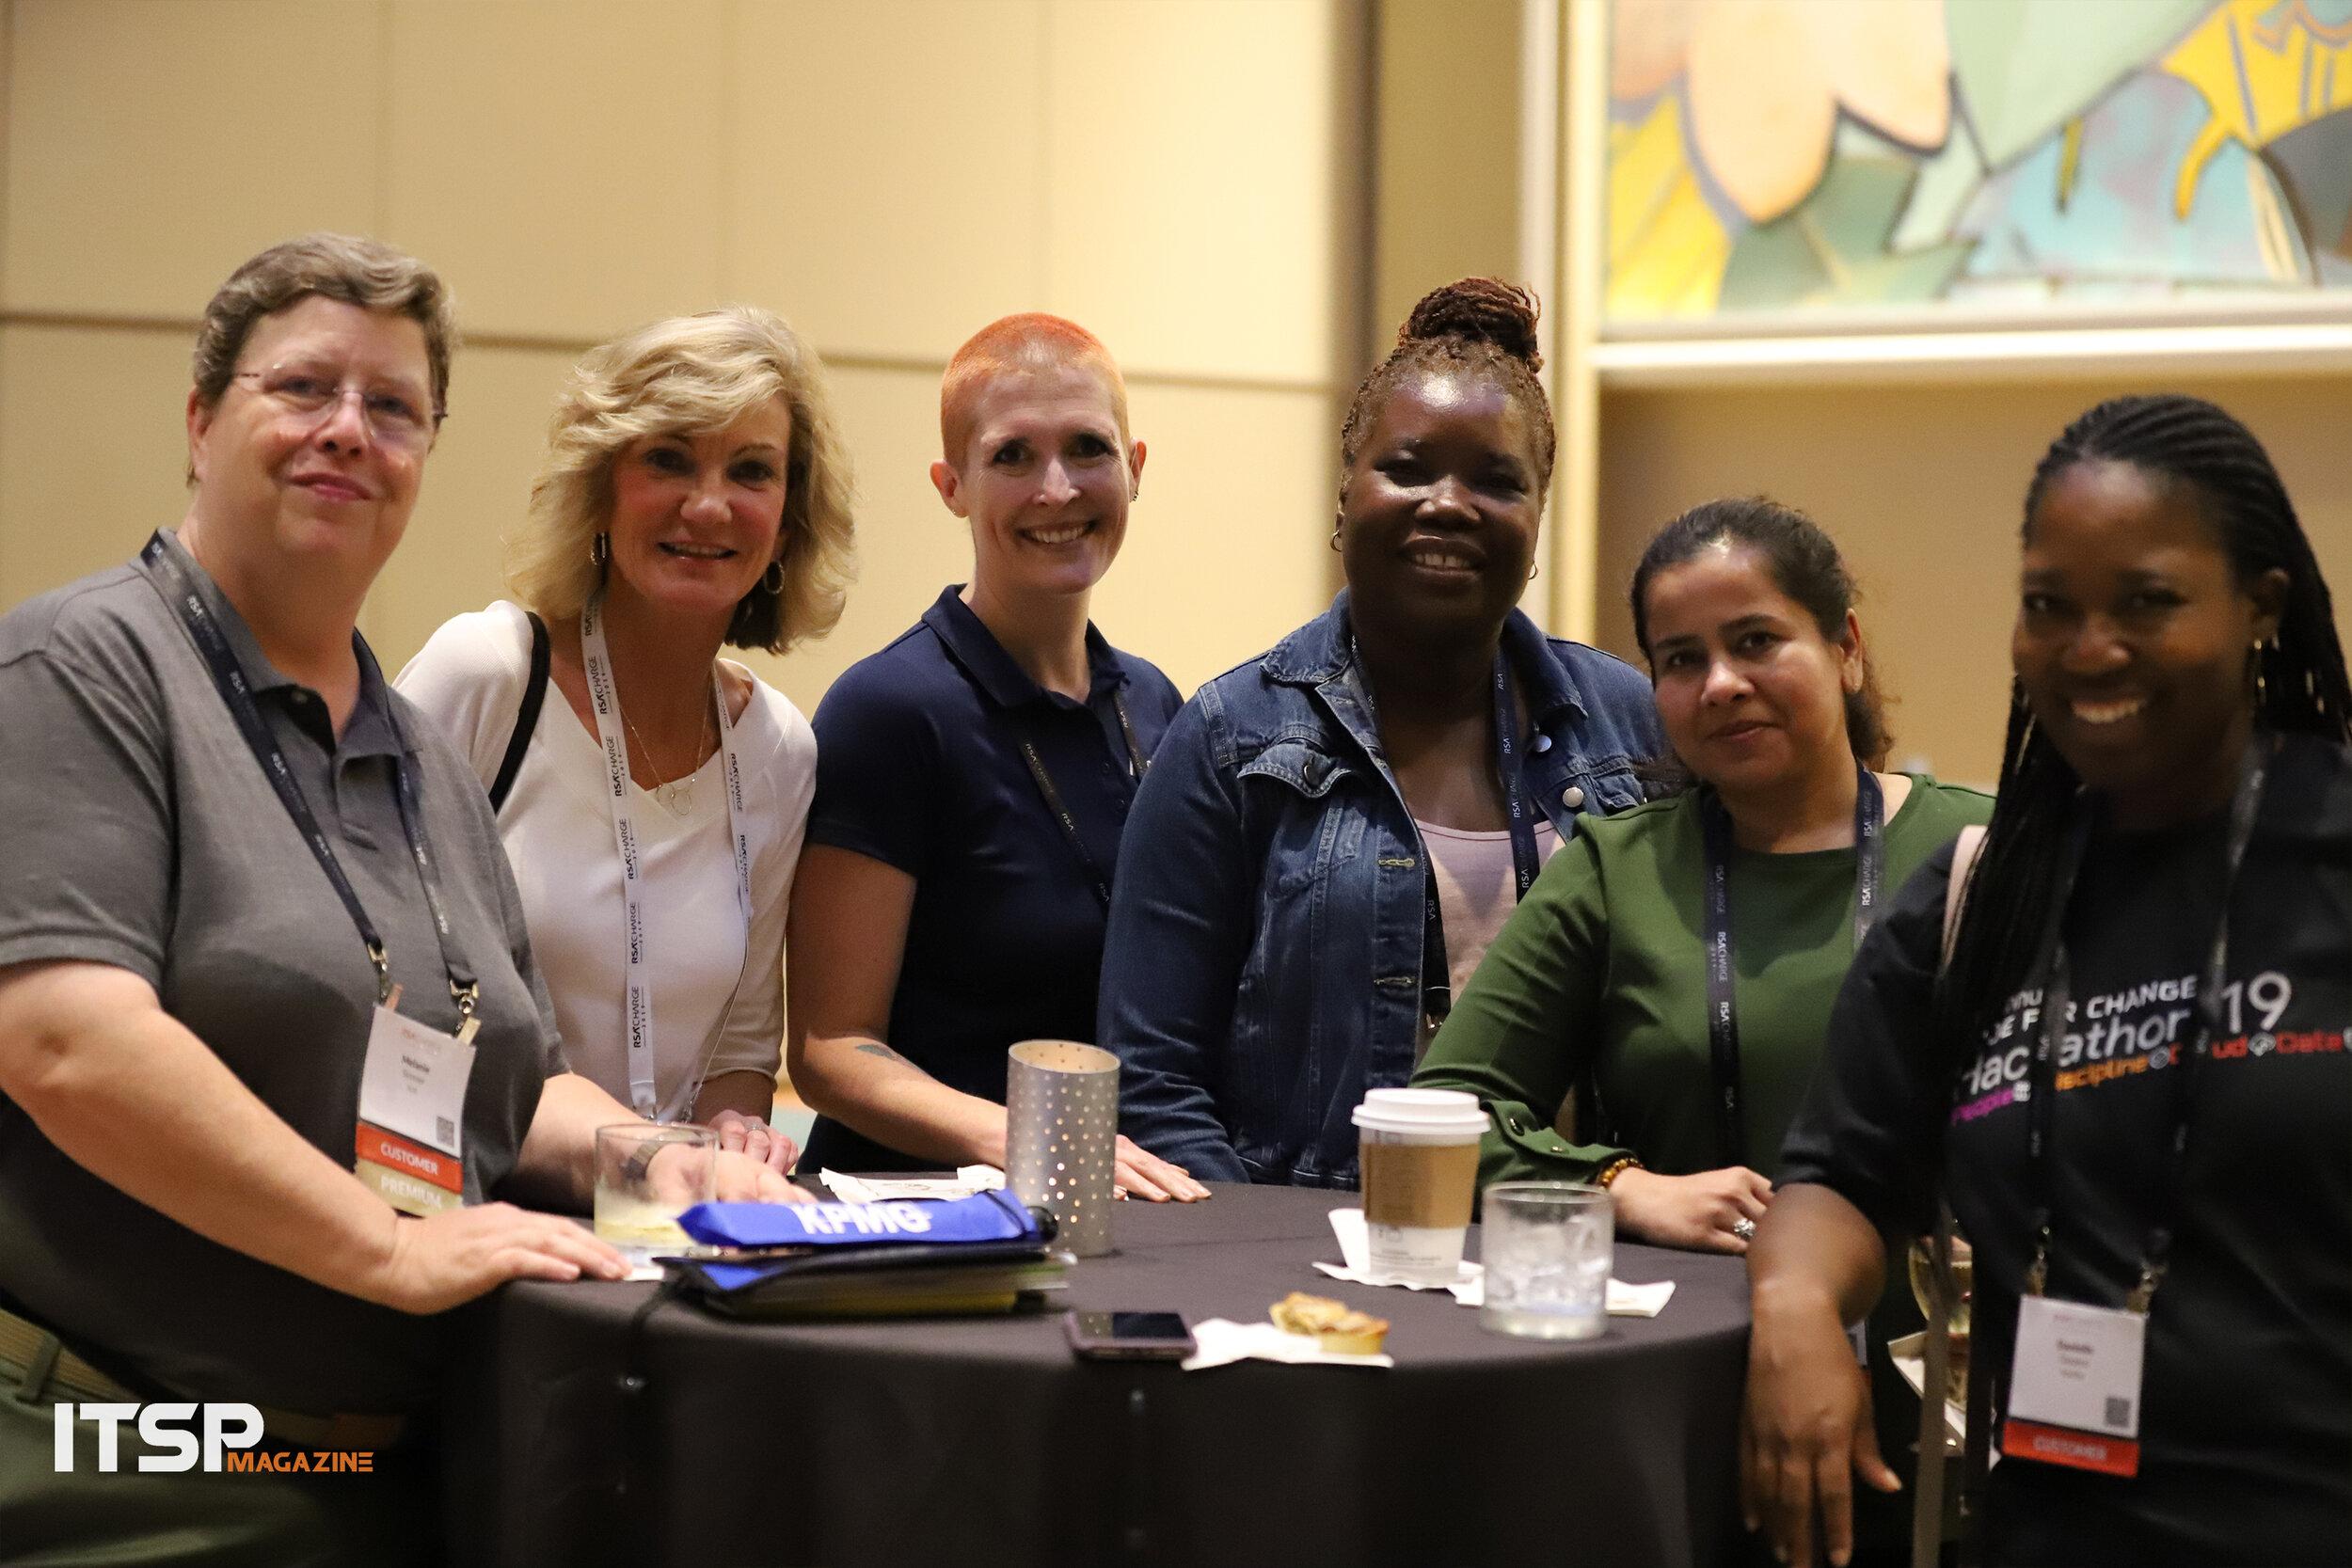 ITSPmagazine_RSASecurity-WomenCelebration4.jpg